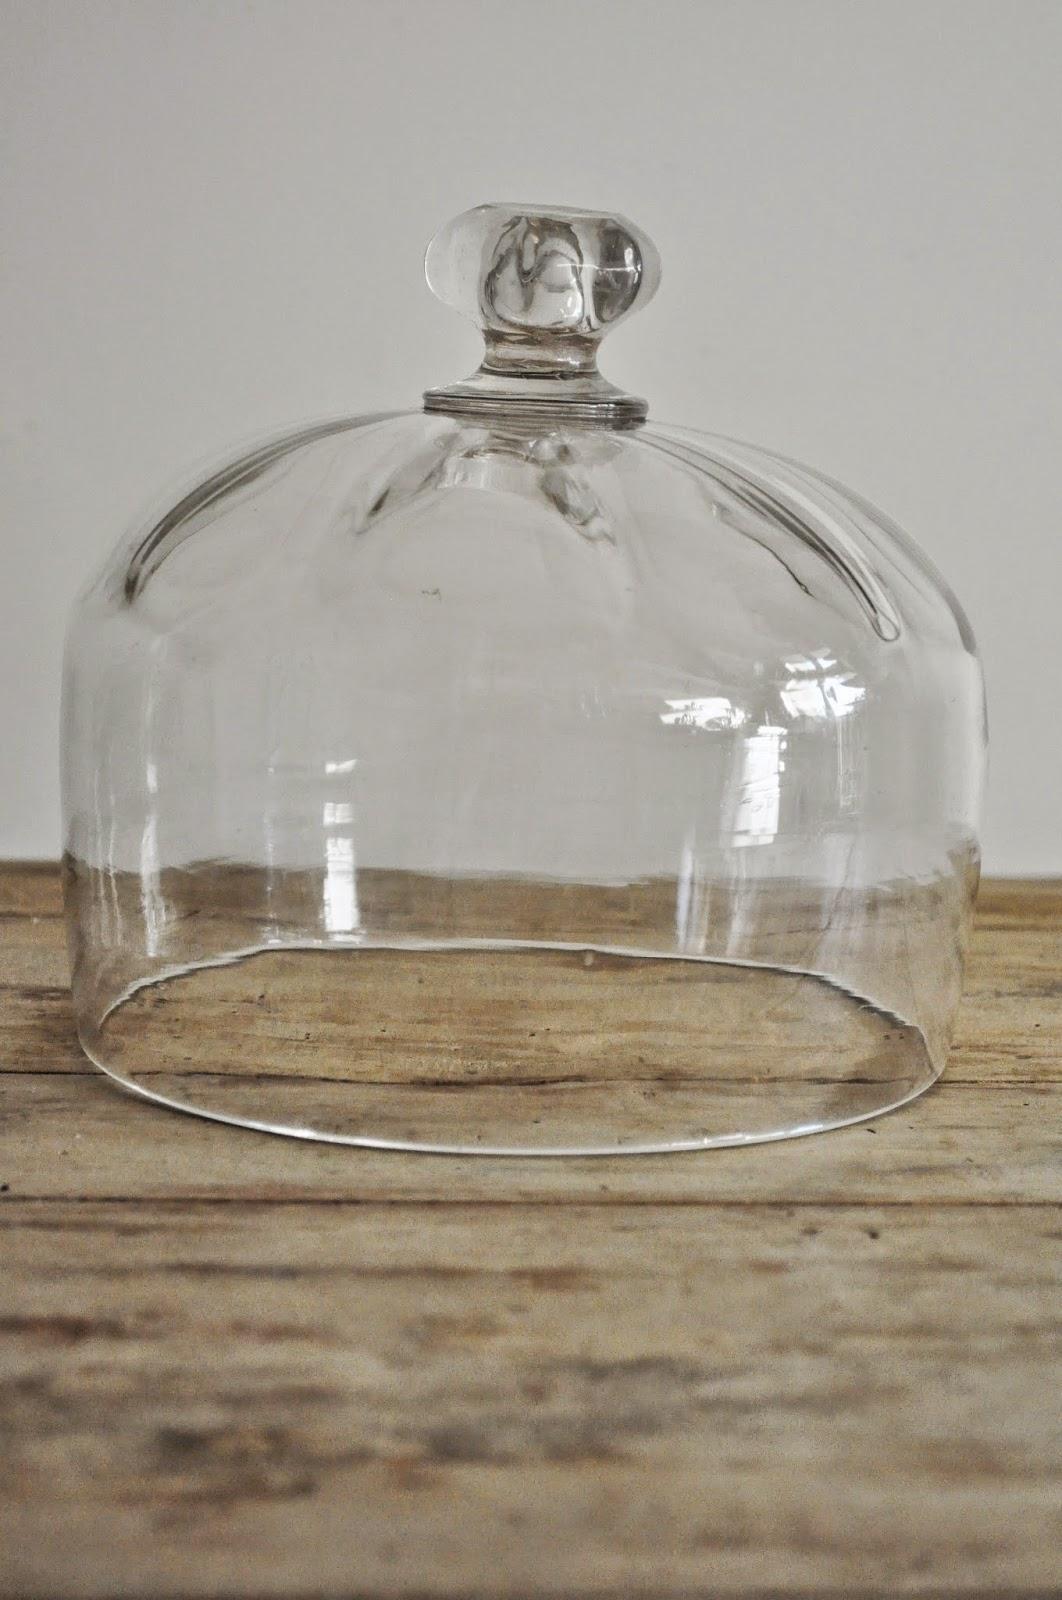 La m re d 39 une parisienne vide son grenier cloche fromage - Cloche en verre hauteur 40 cm ...